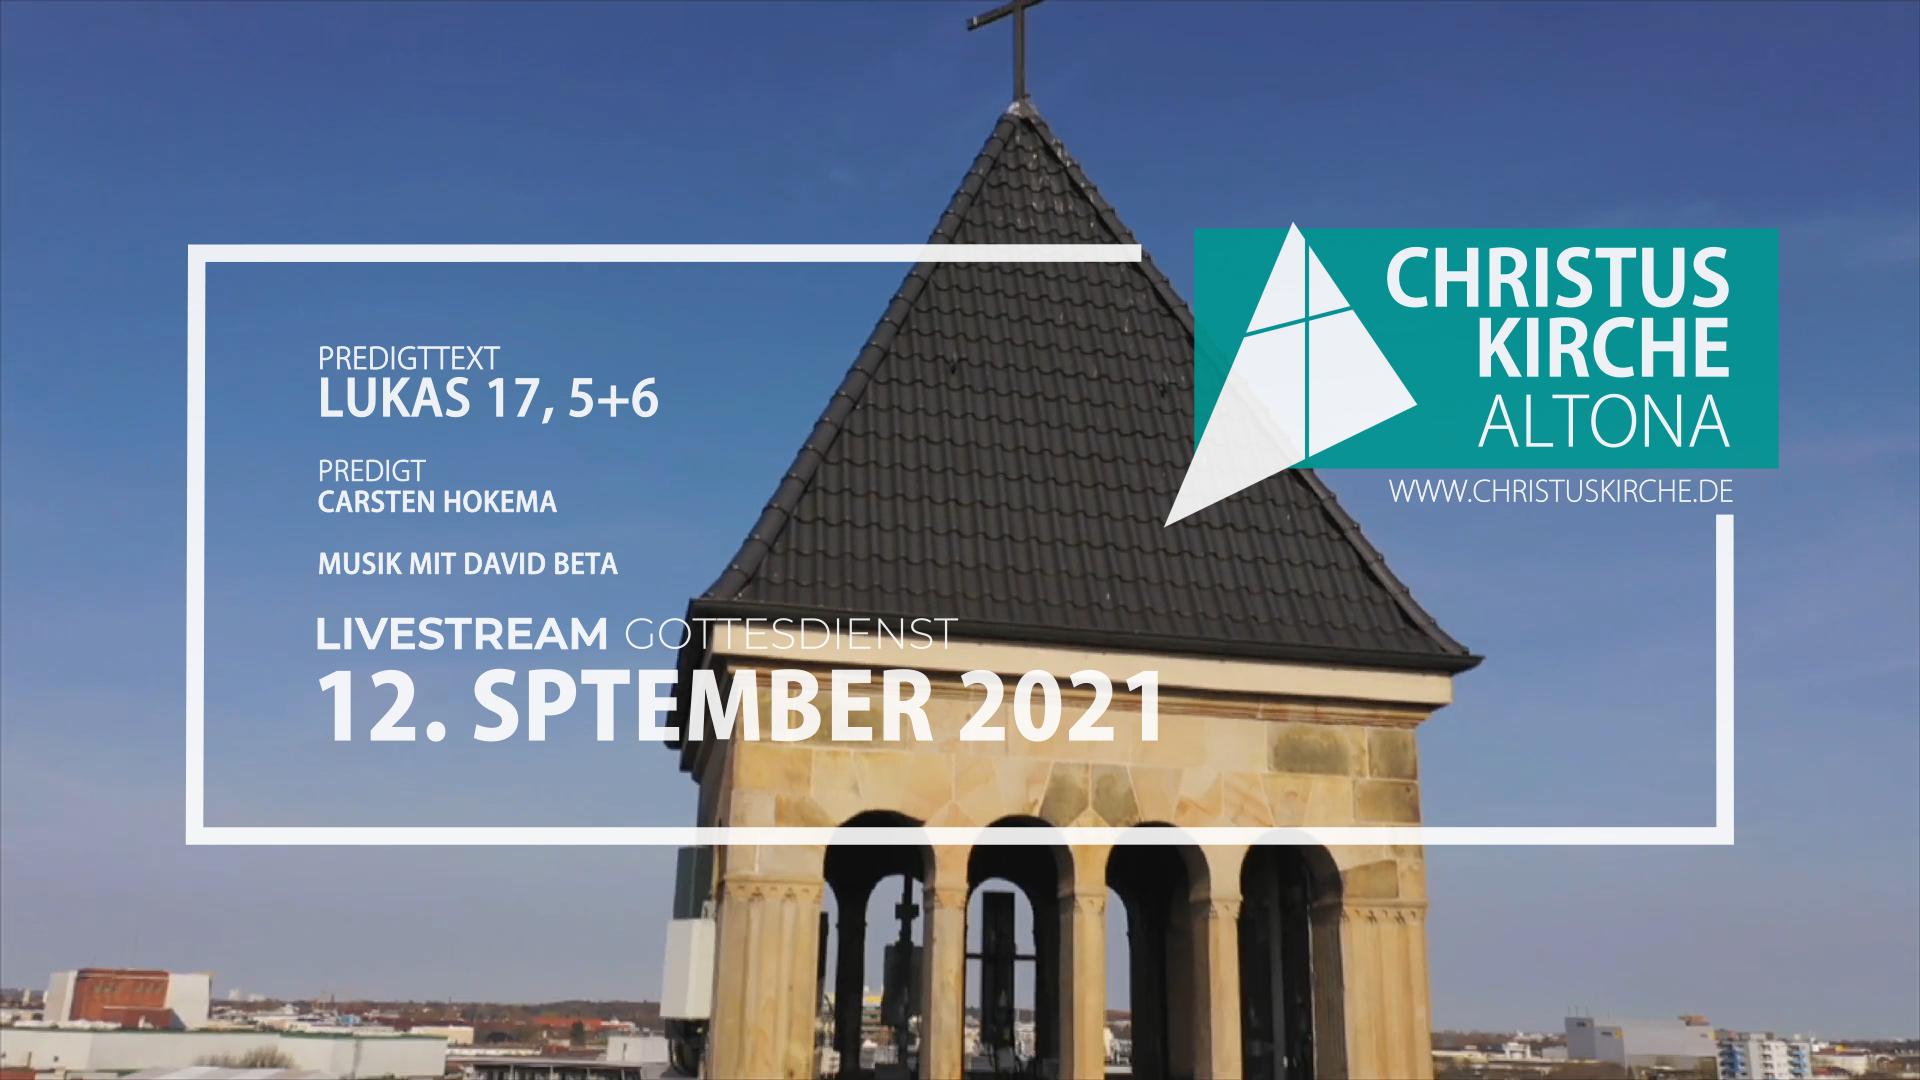 Gottesdienst - am 12. September - Livestream aus der Christuskirche Altona